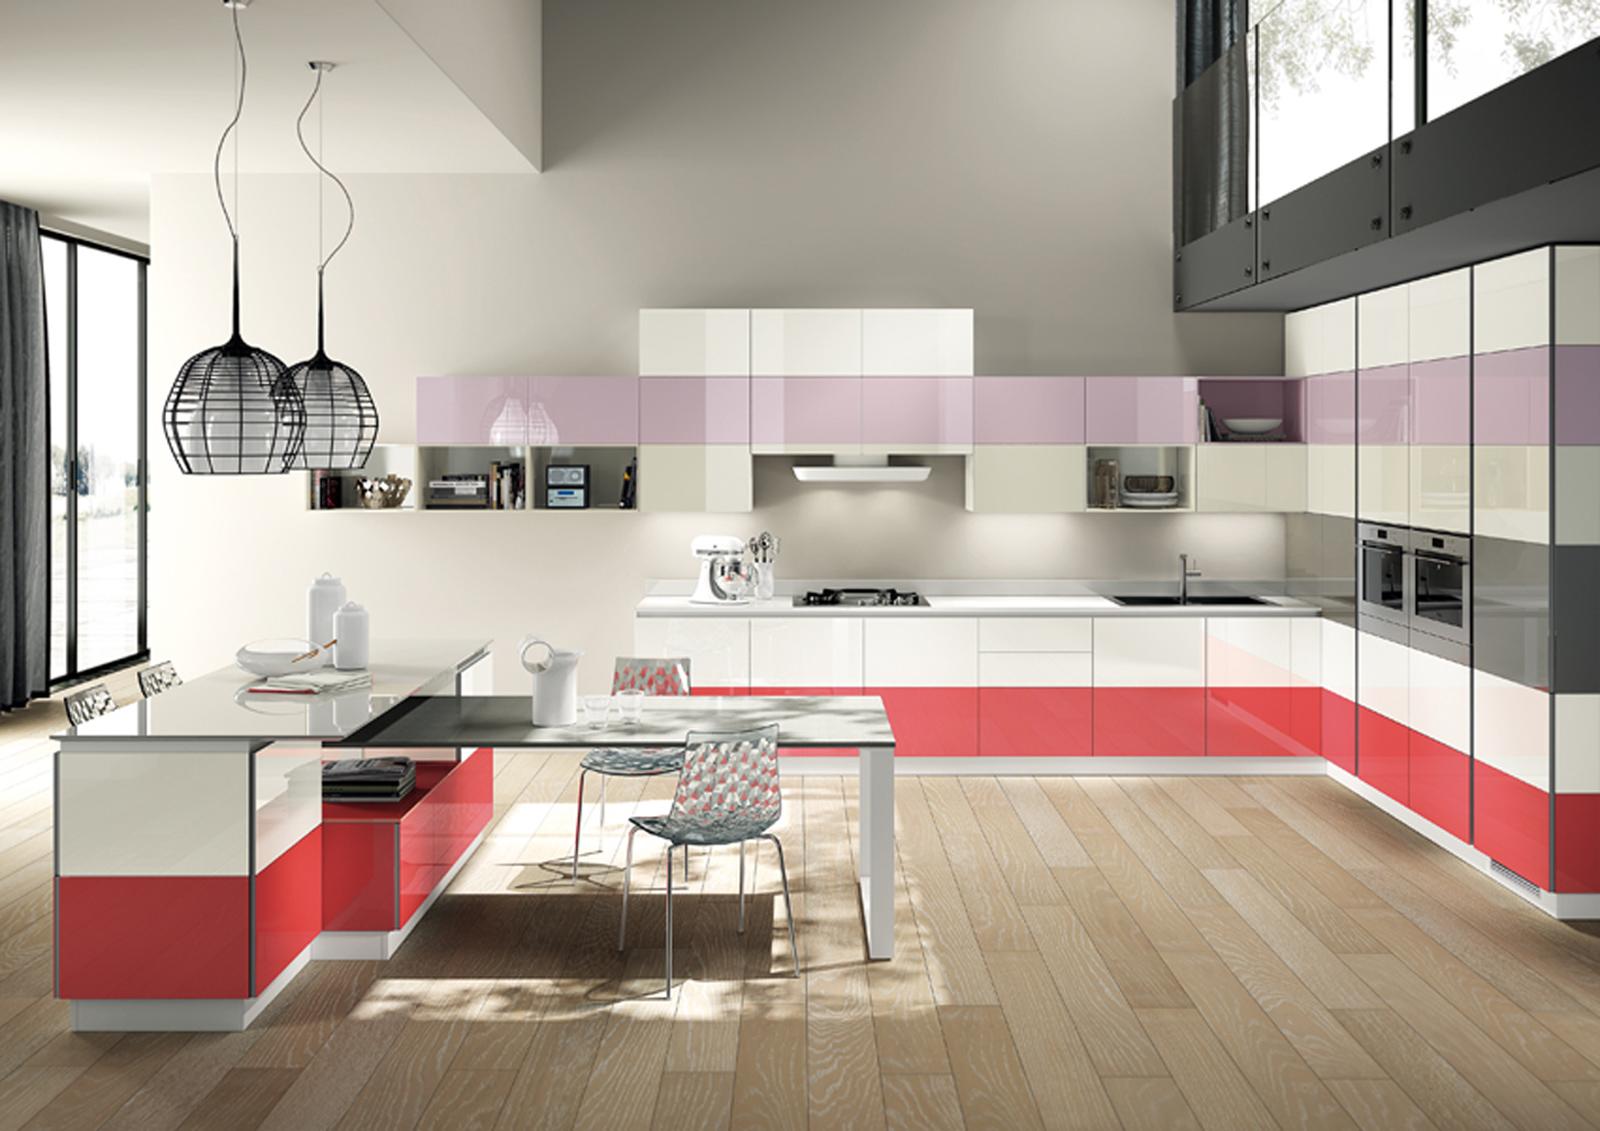 Ispirazioni di cucine soggiorni e altri ambienti interni architettiamo progetti online - Cucine moderne colorate ...